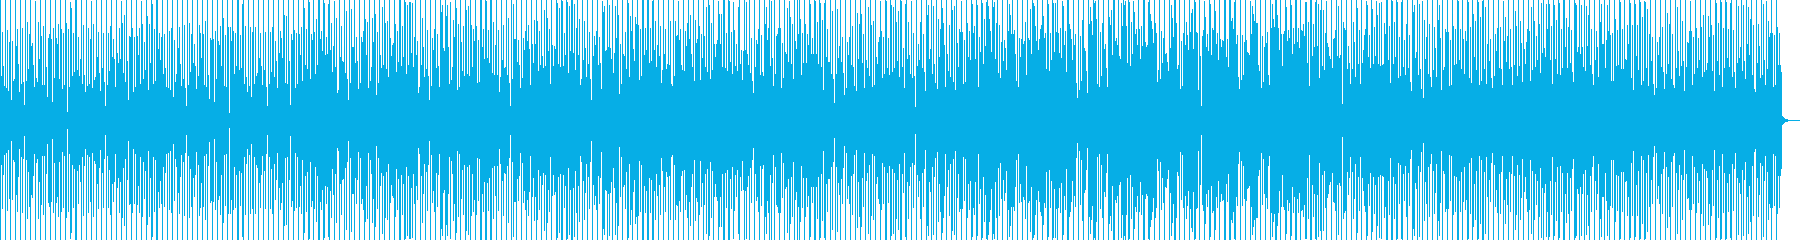 Latin 技術的な 環境 ポジテ...の再生済みの波形